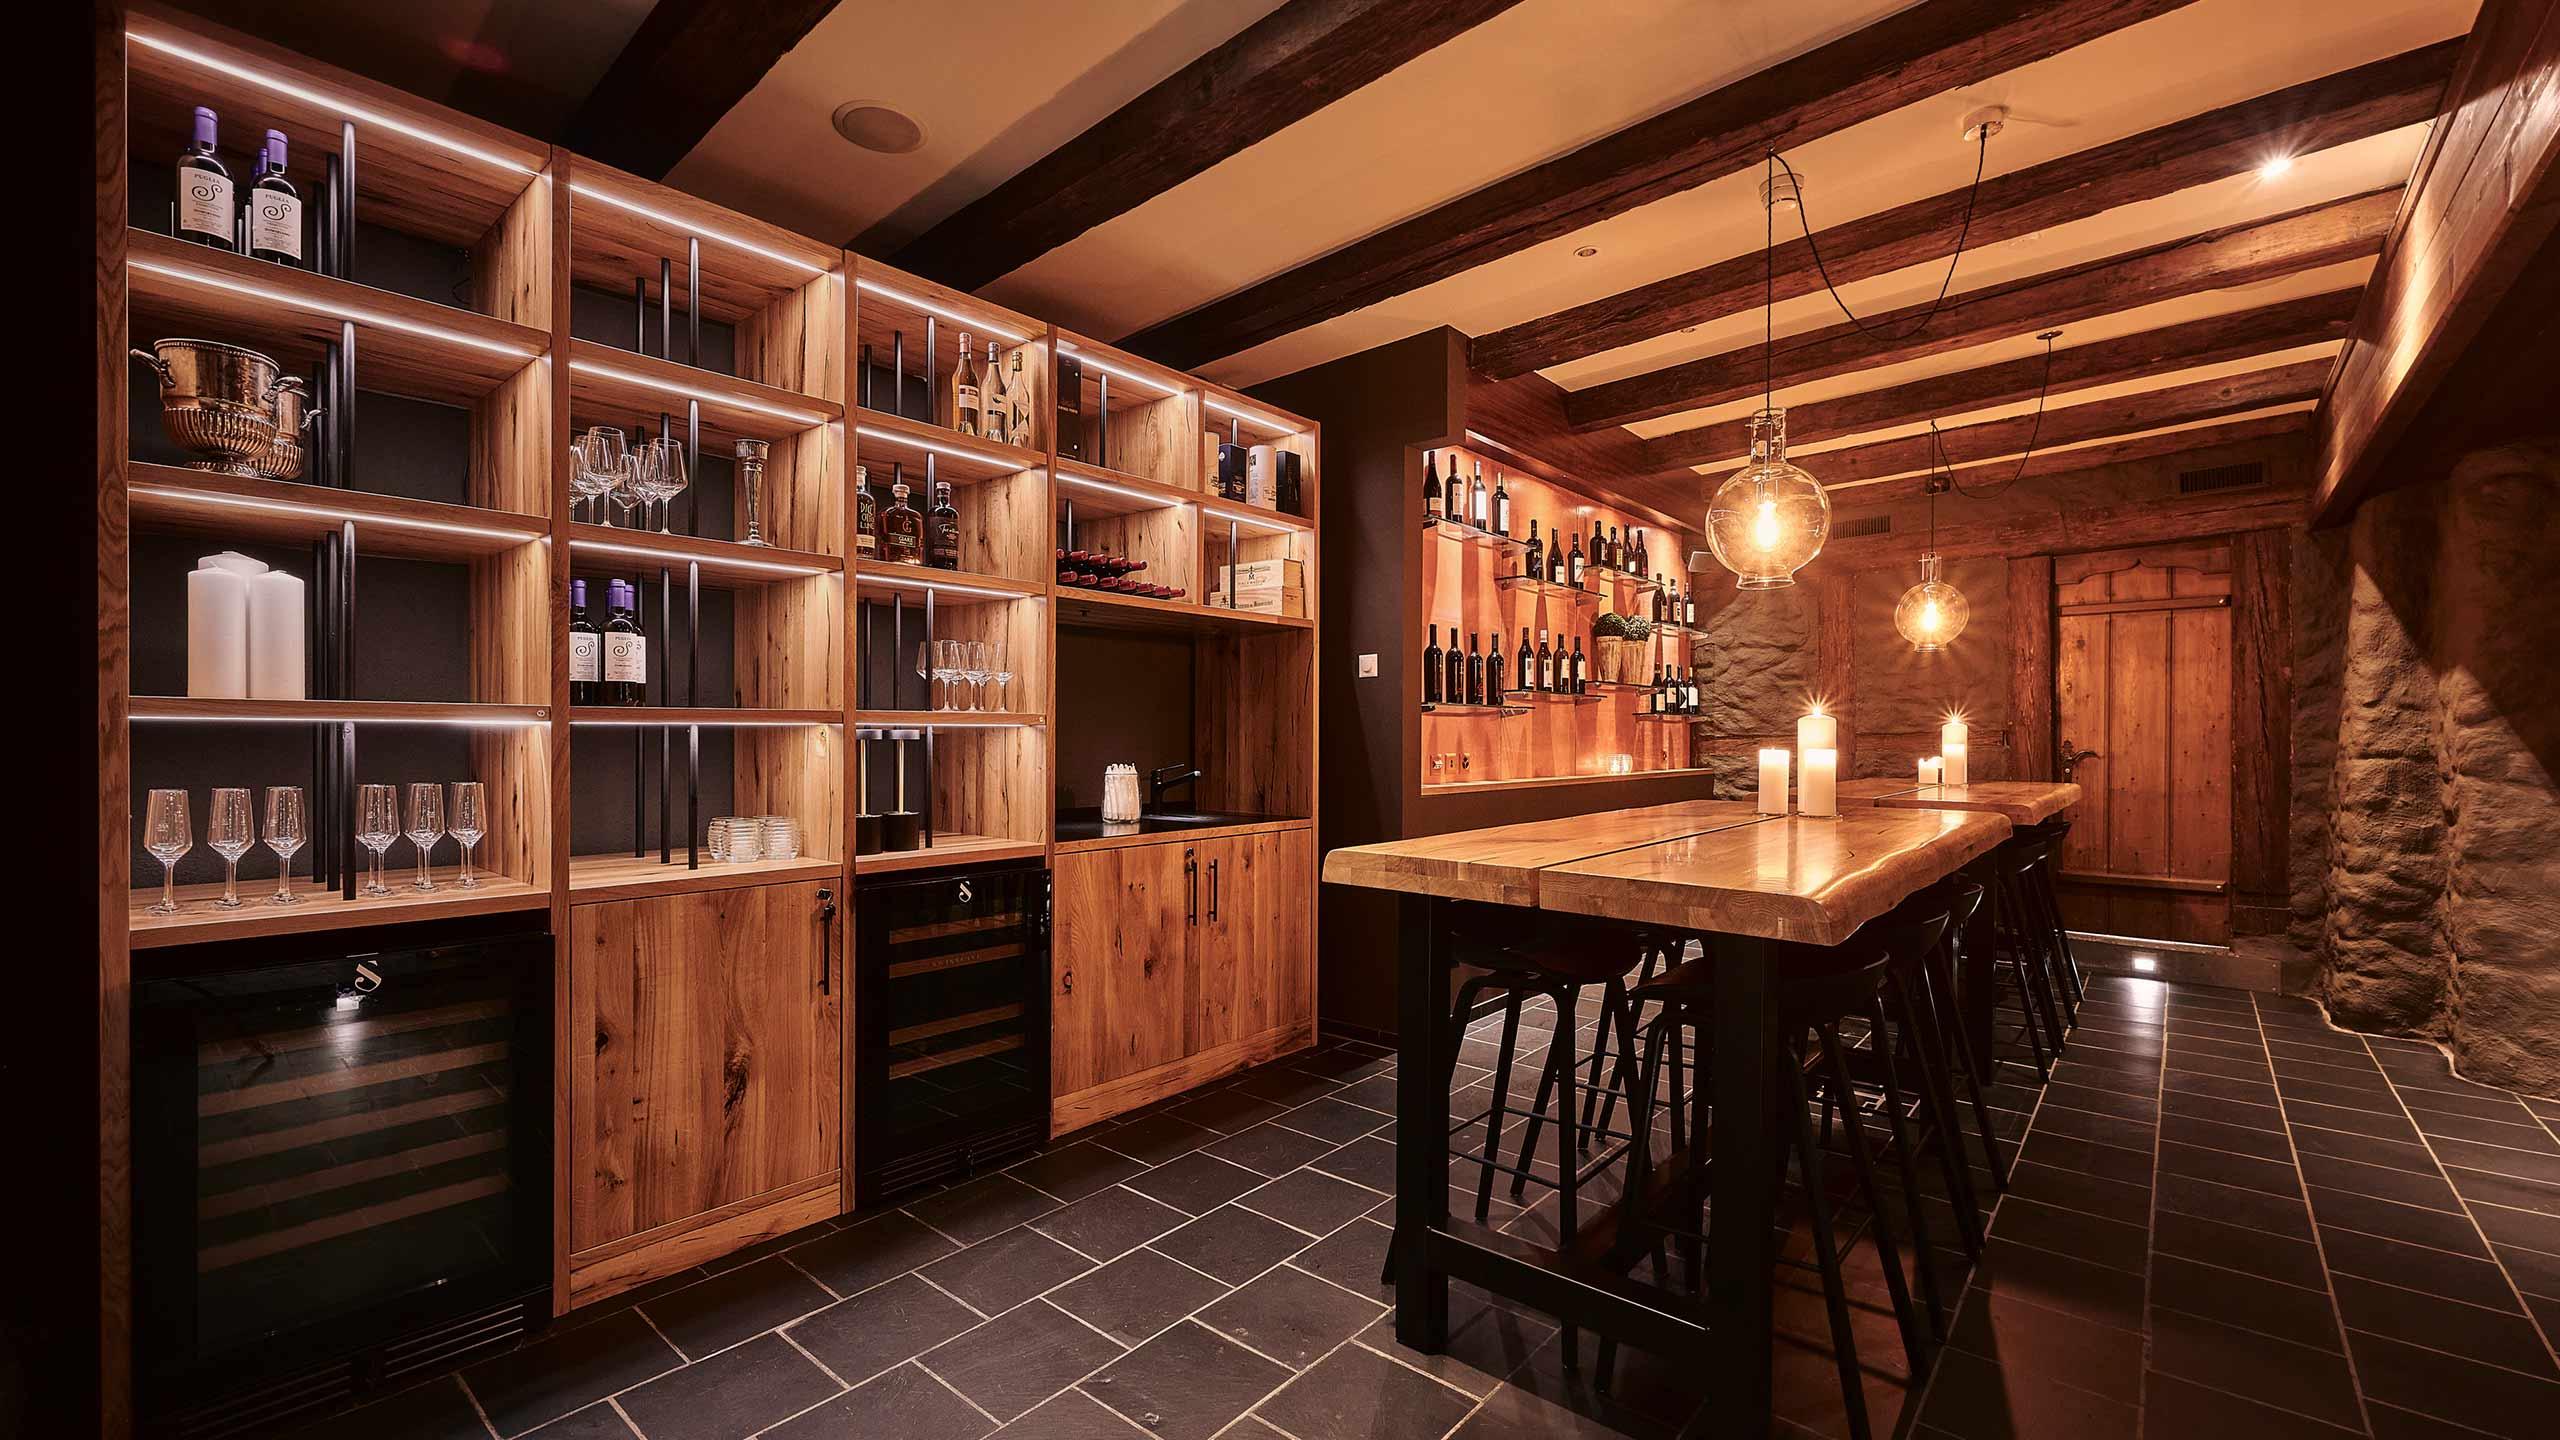 restaurant-taverne-hotel-interlaken-klosetr-keller.jpg